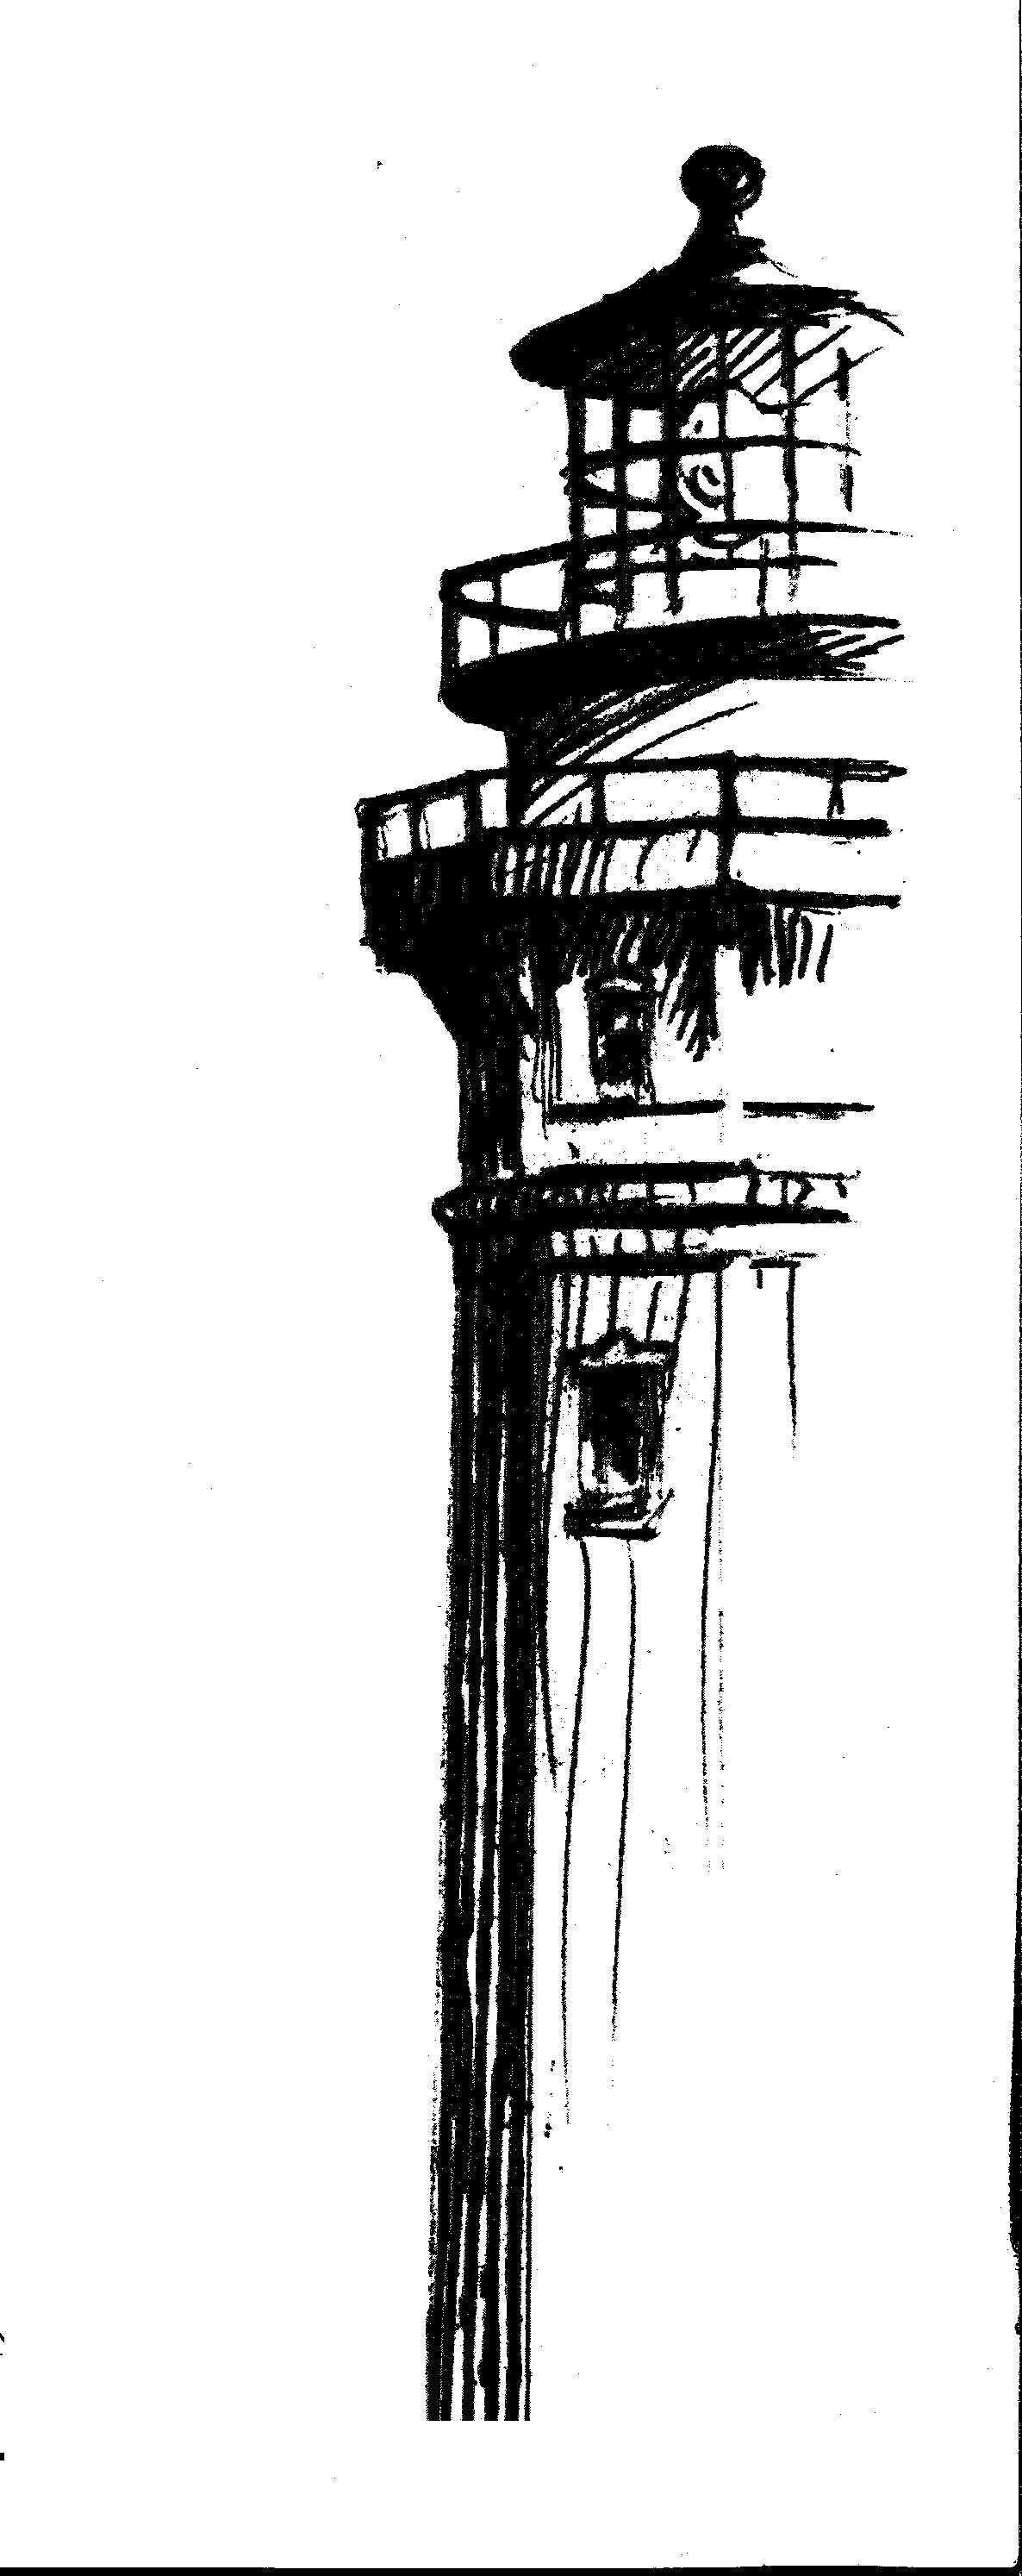 leuchtturm malen vorlage